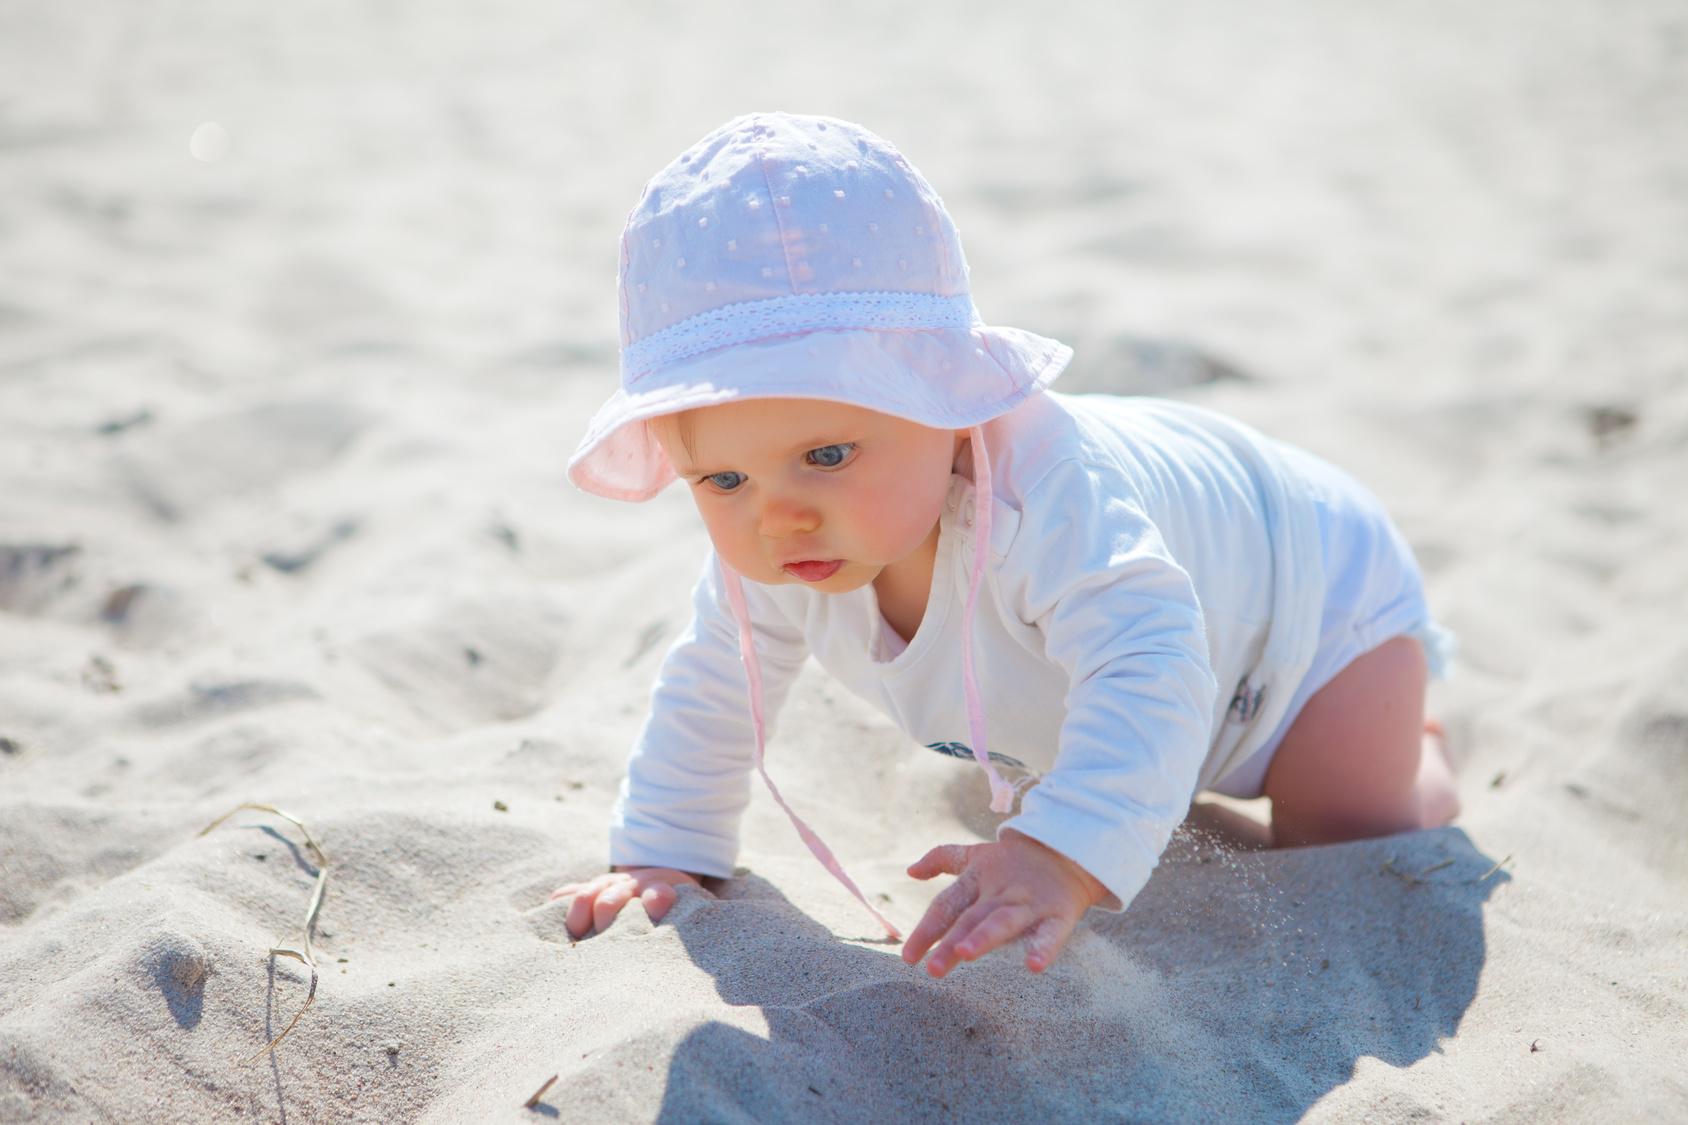 Mutter entsetzt: Baby erleidet heftige Verbrennungen durch diese Sonnencreme!